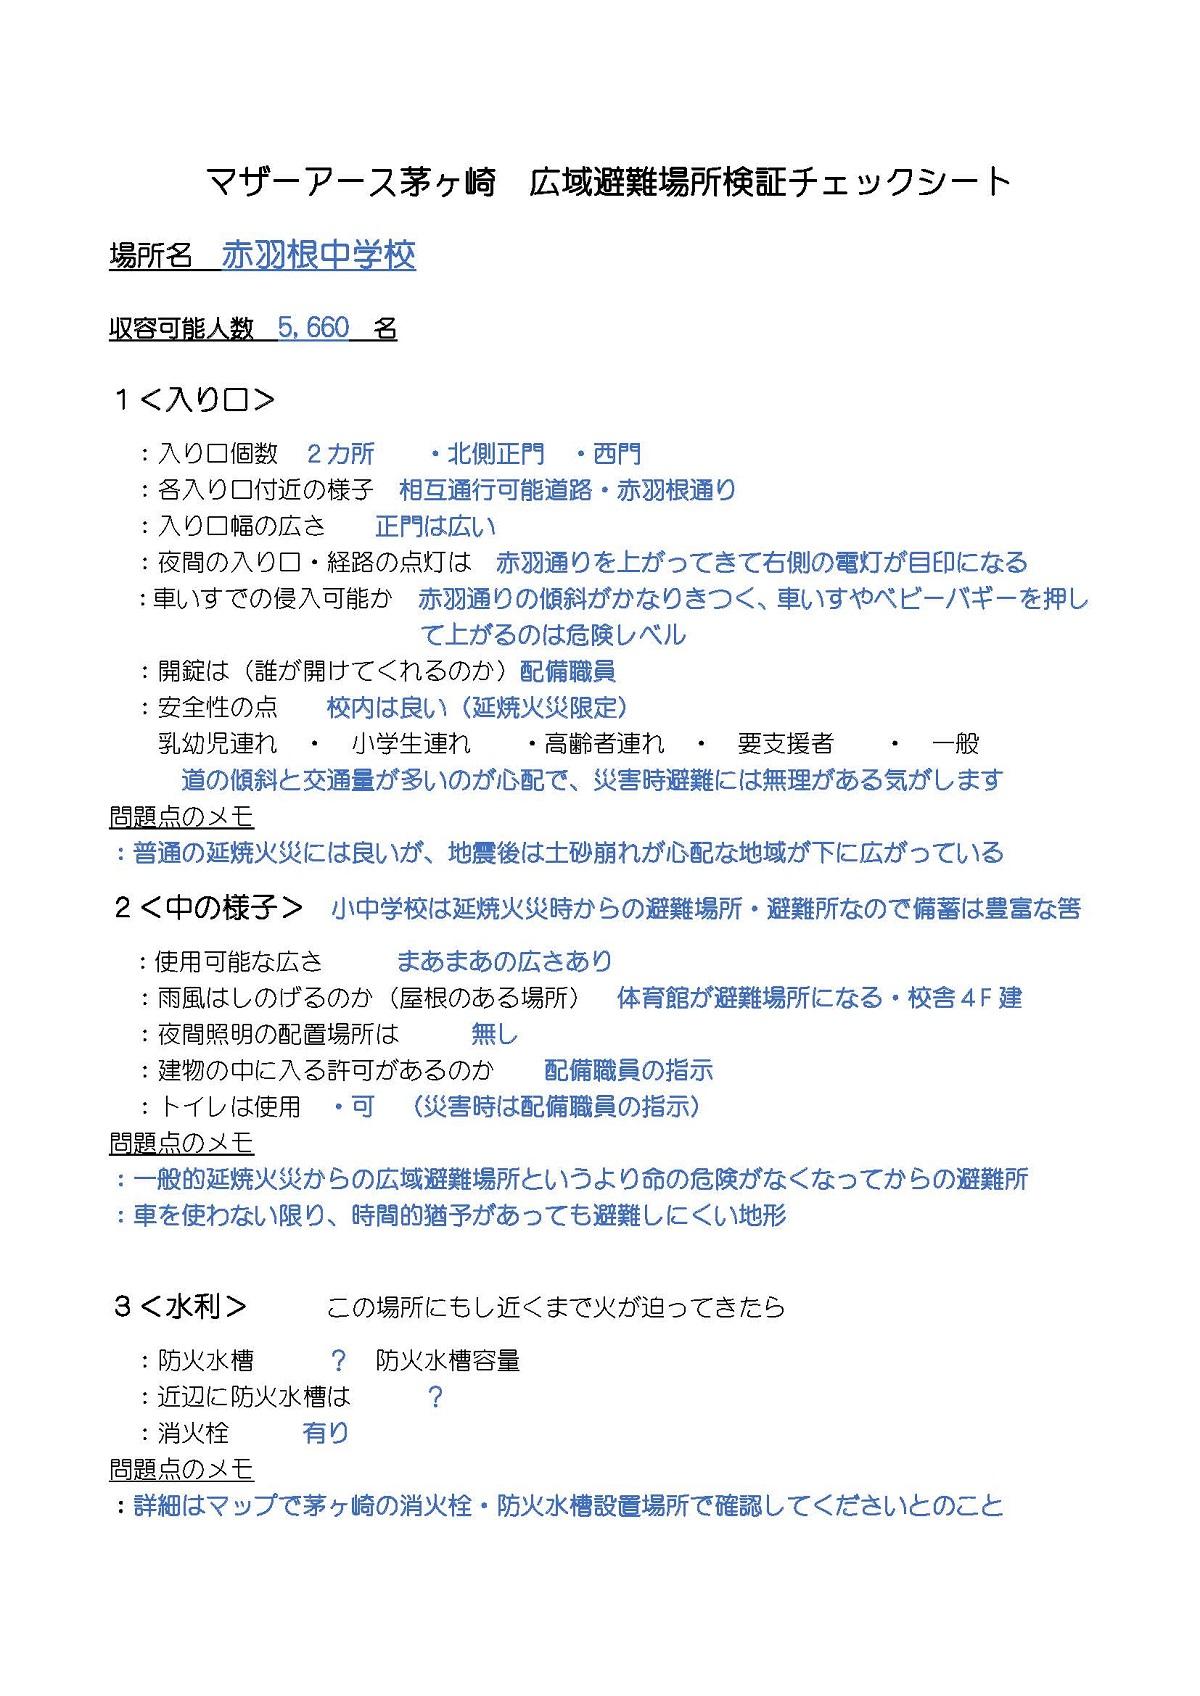 121新ー赤羽根中学校広域指定ーマザーアース茅ヶ崎_ページ_1